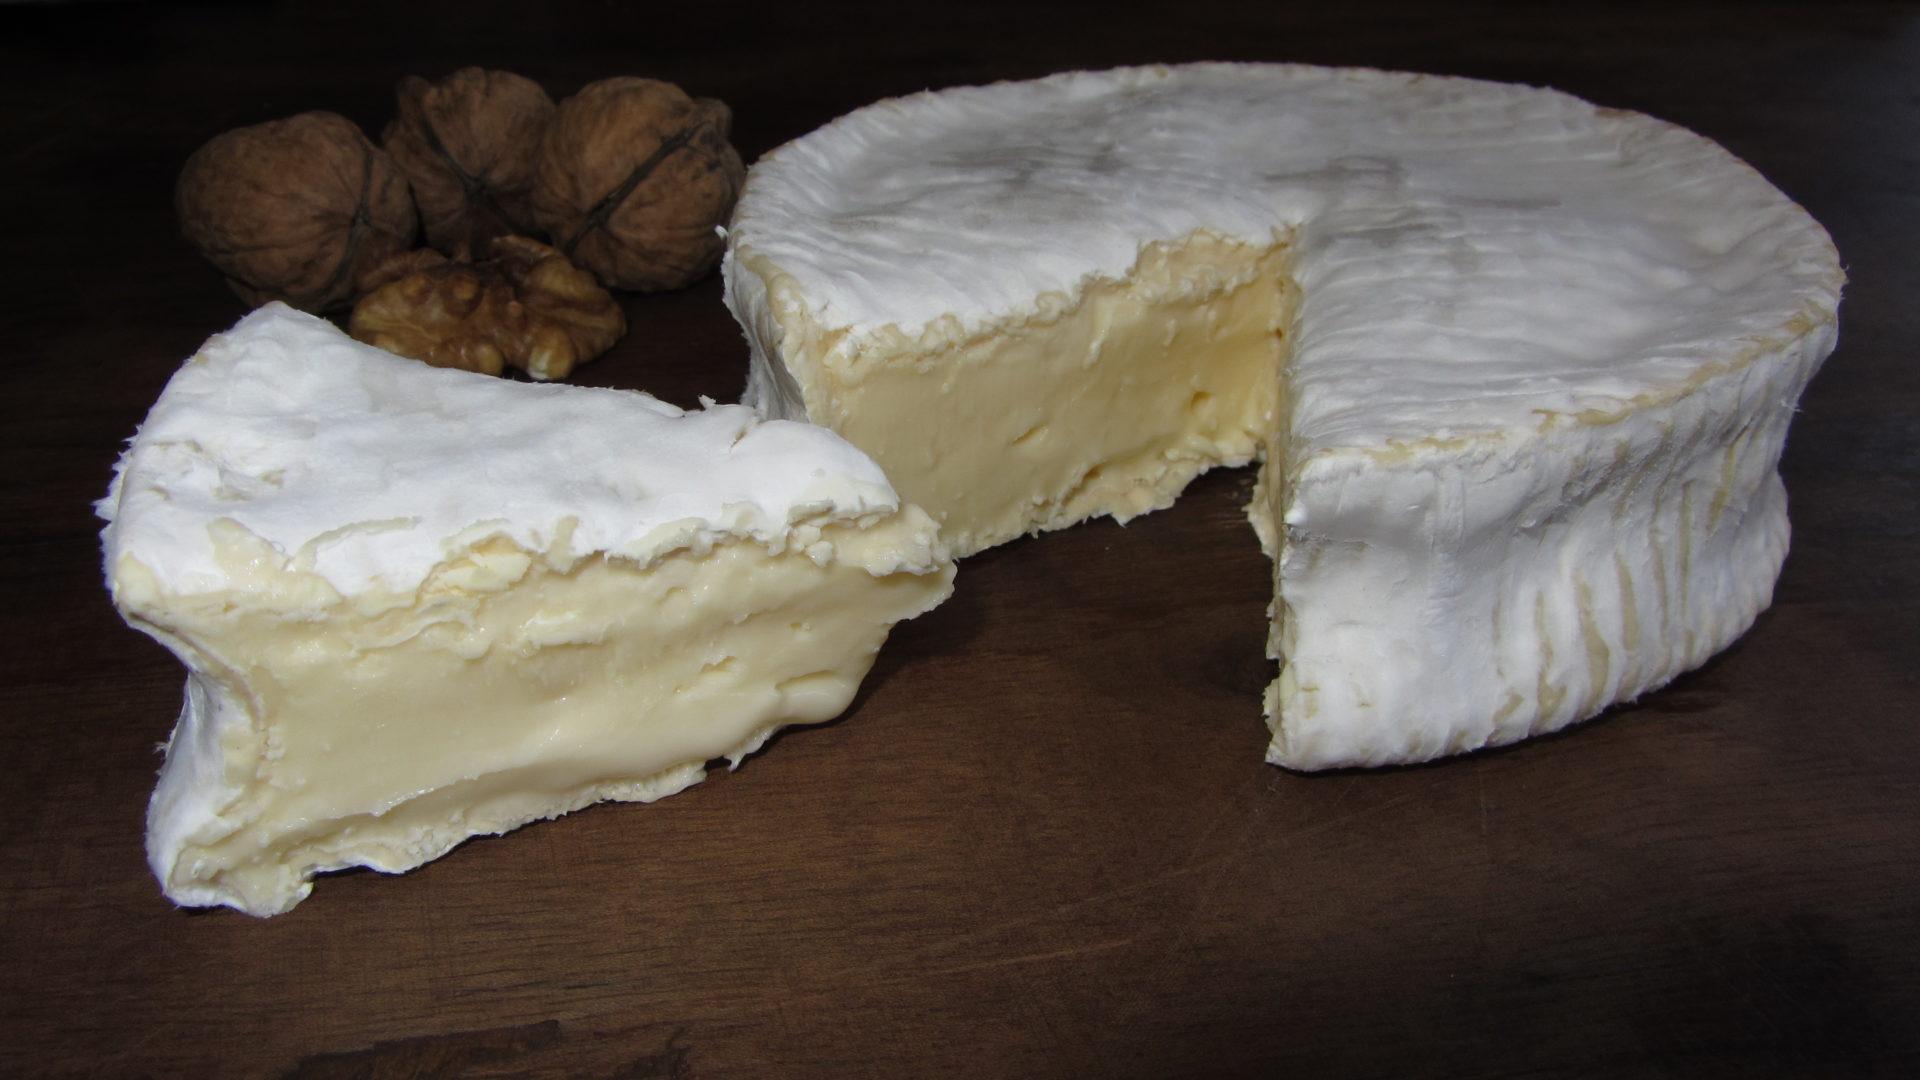 formatges riudavets formatgeria artesana catalans proximitat cabra ovella vaca llet crua Cmon Bri